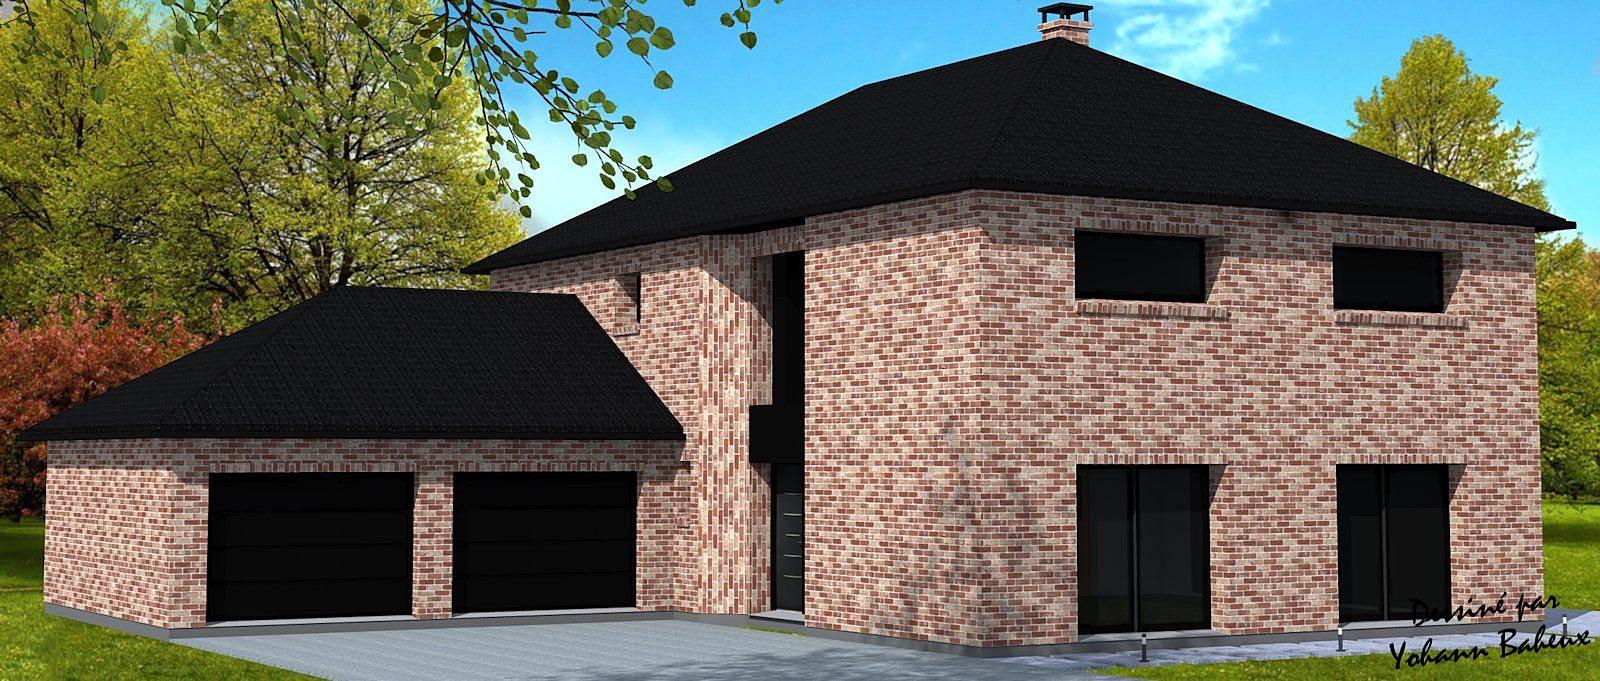 maison brique moderne latest maison en brique maison. Black Bedroom Furniture Sets. Home Design Ideas